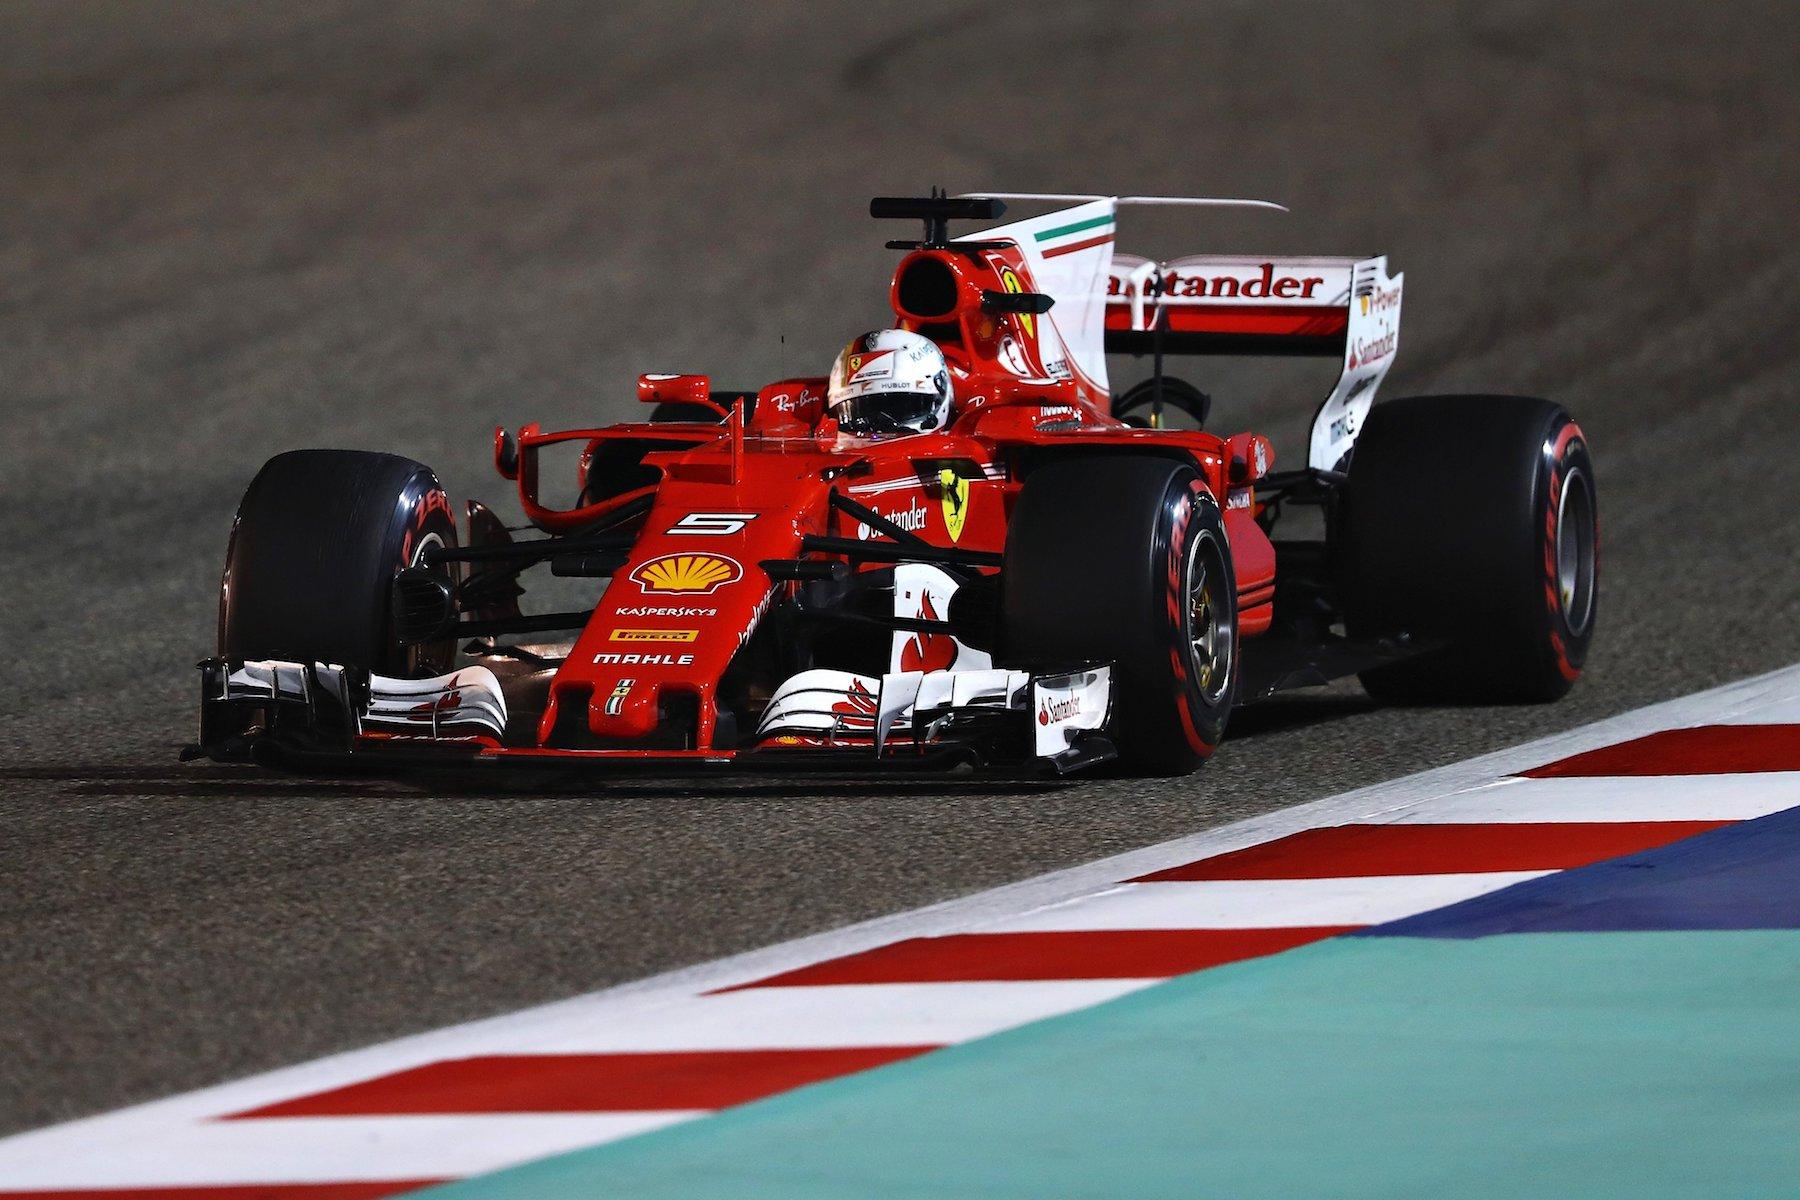 K 2017 Sebastian Vettel   Ferrari SF70H   2017 Bahrain GP P1 copy.jpg